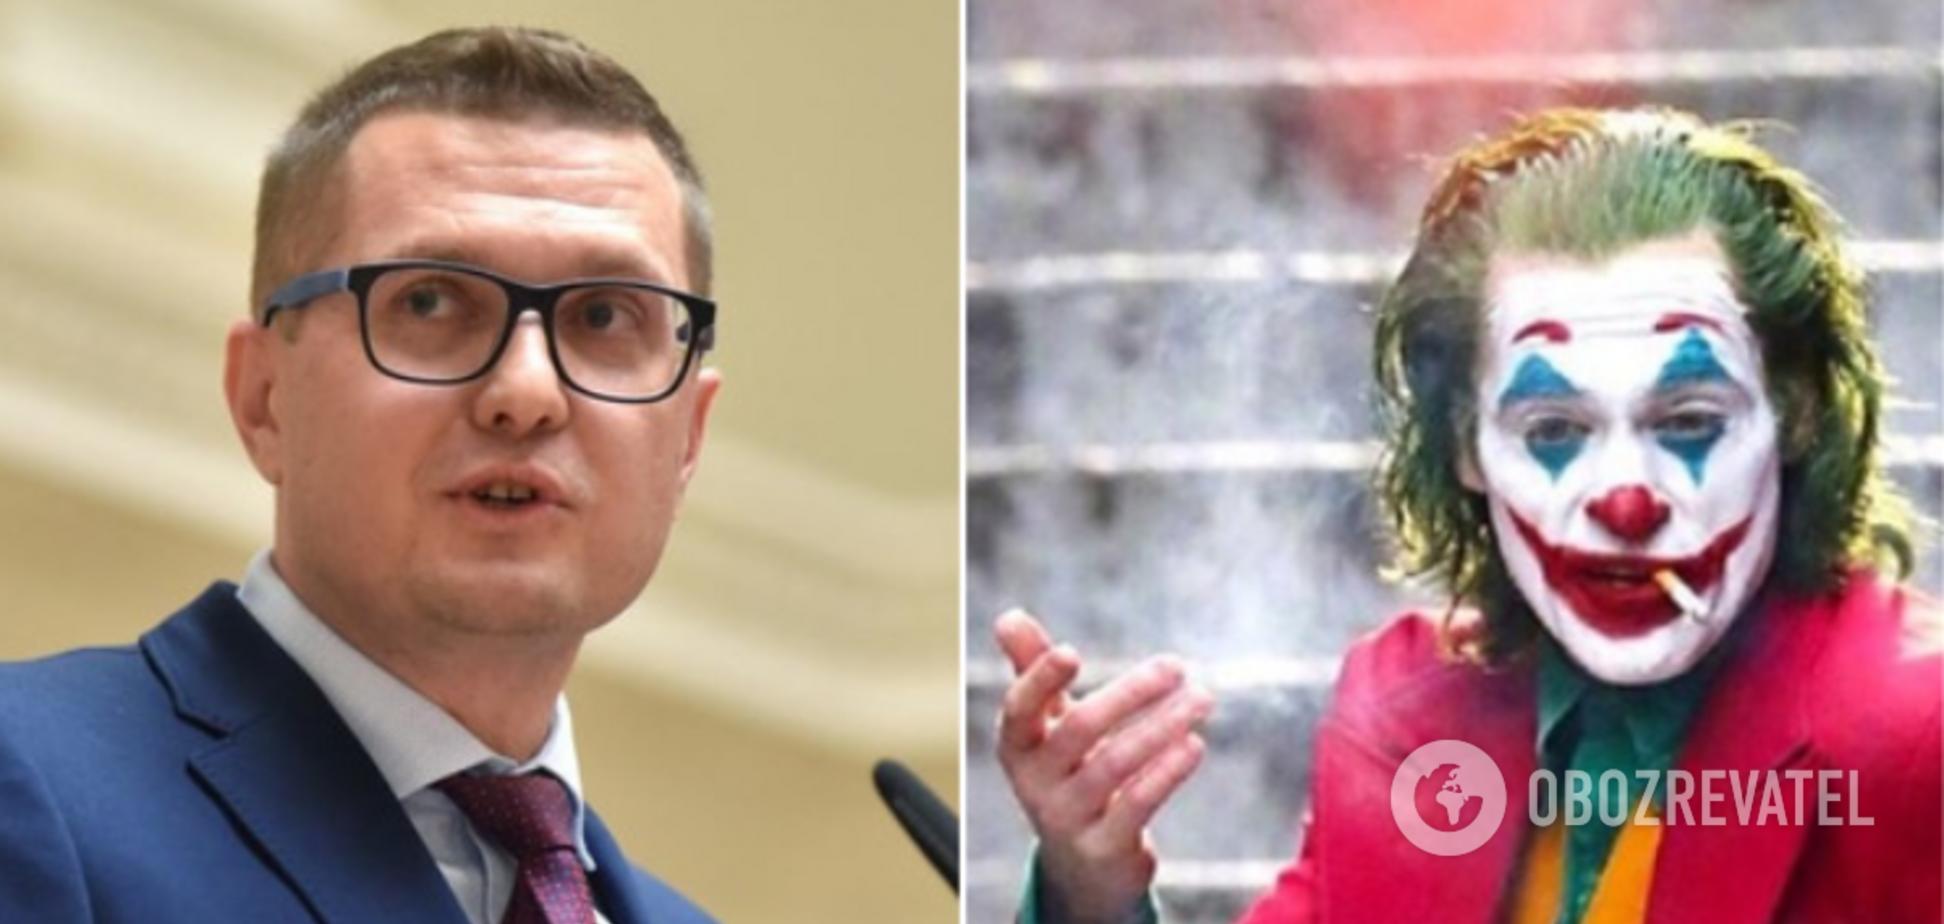 'Это наше отражение': Баканов сделал загадочное заявление о Джокере